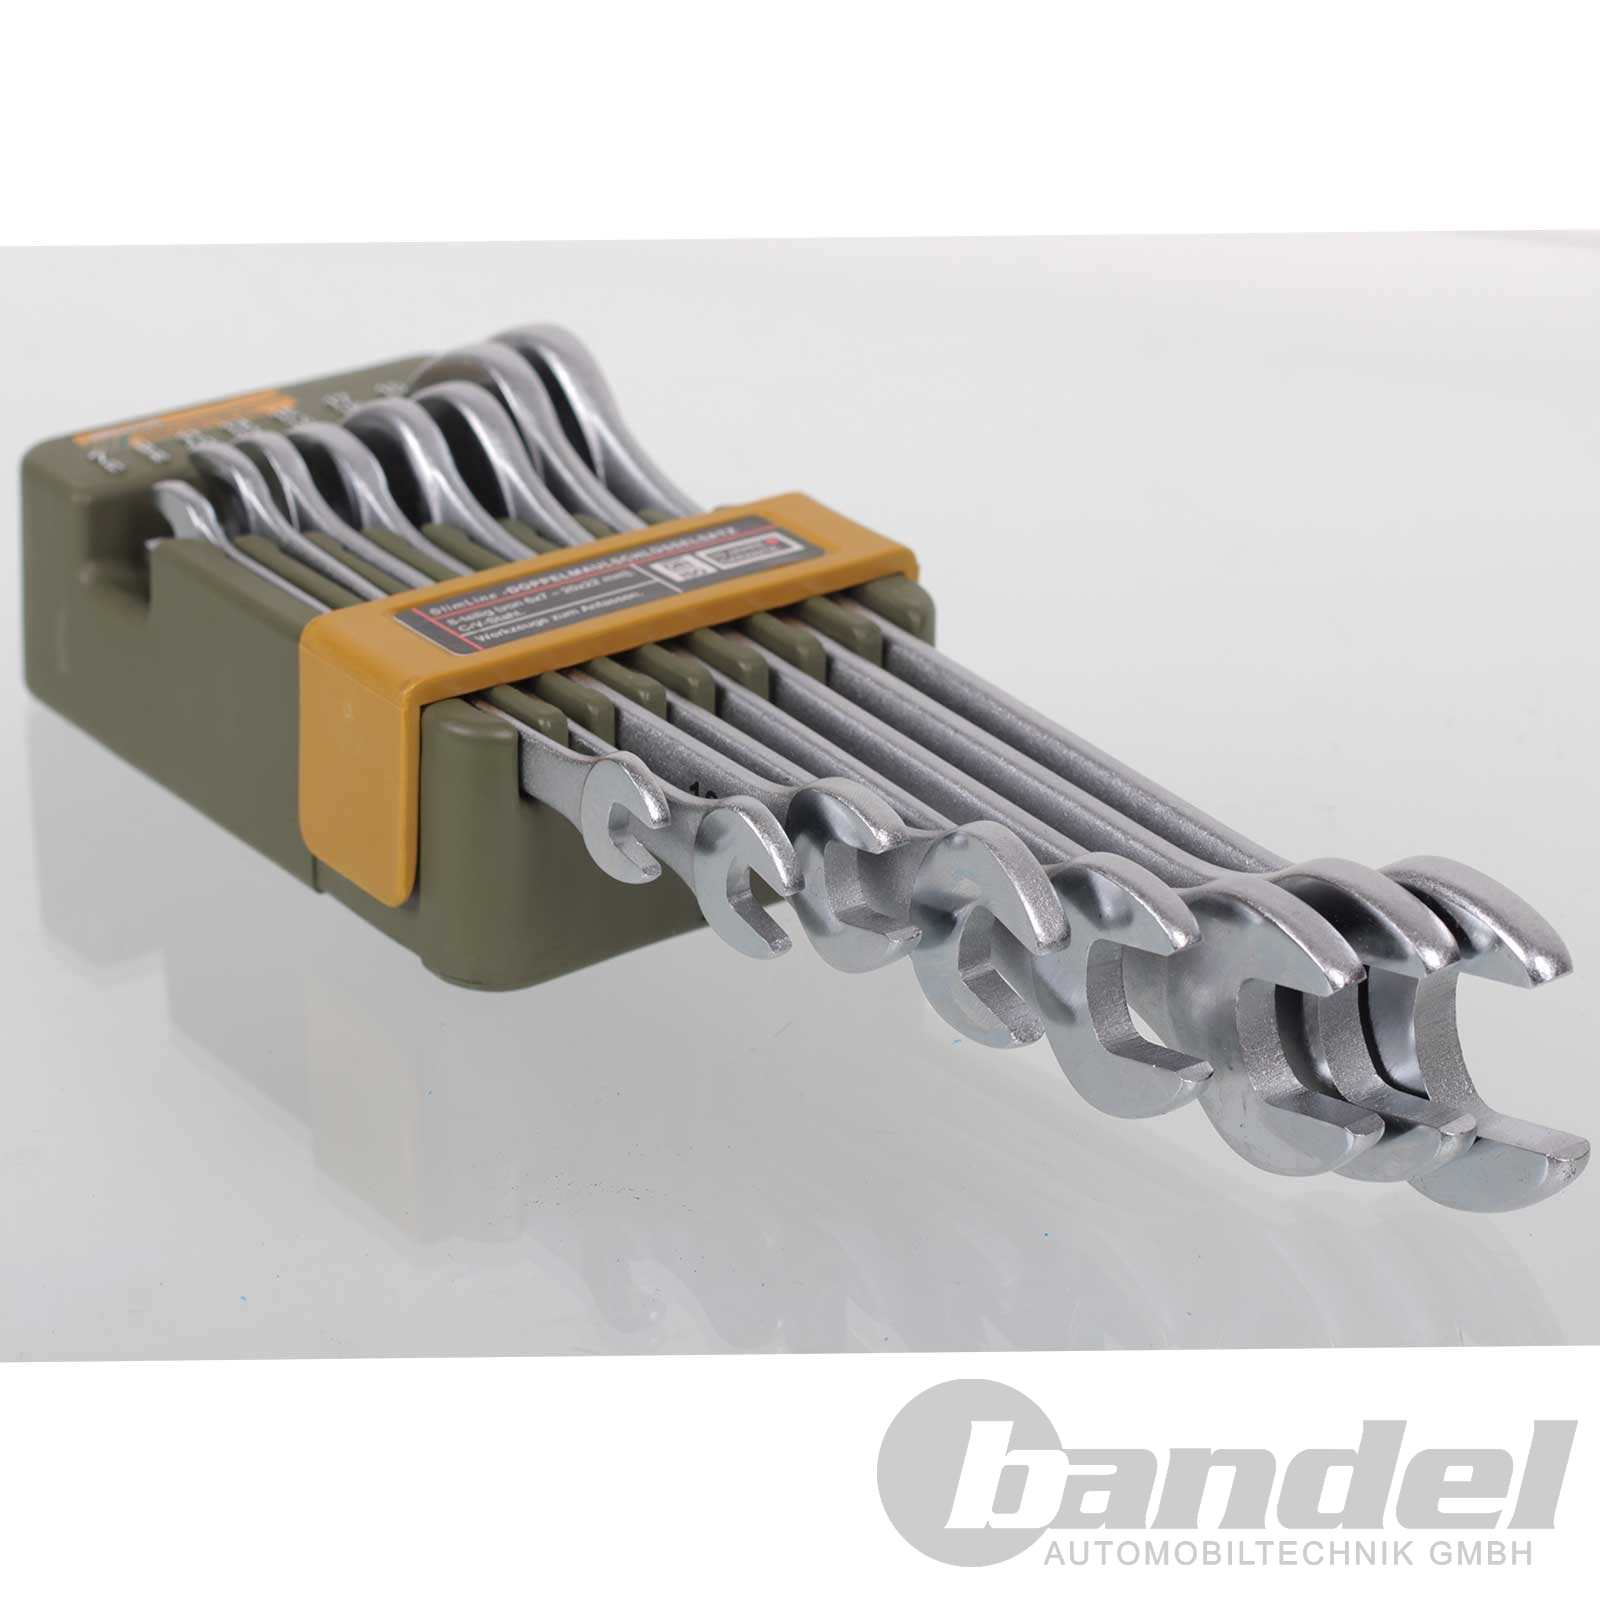 PROXXON 23800 Doppel Maulschlüssel Satz Set 8tlg Werkz 6-22 mm 4006274238008 NEU